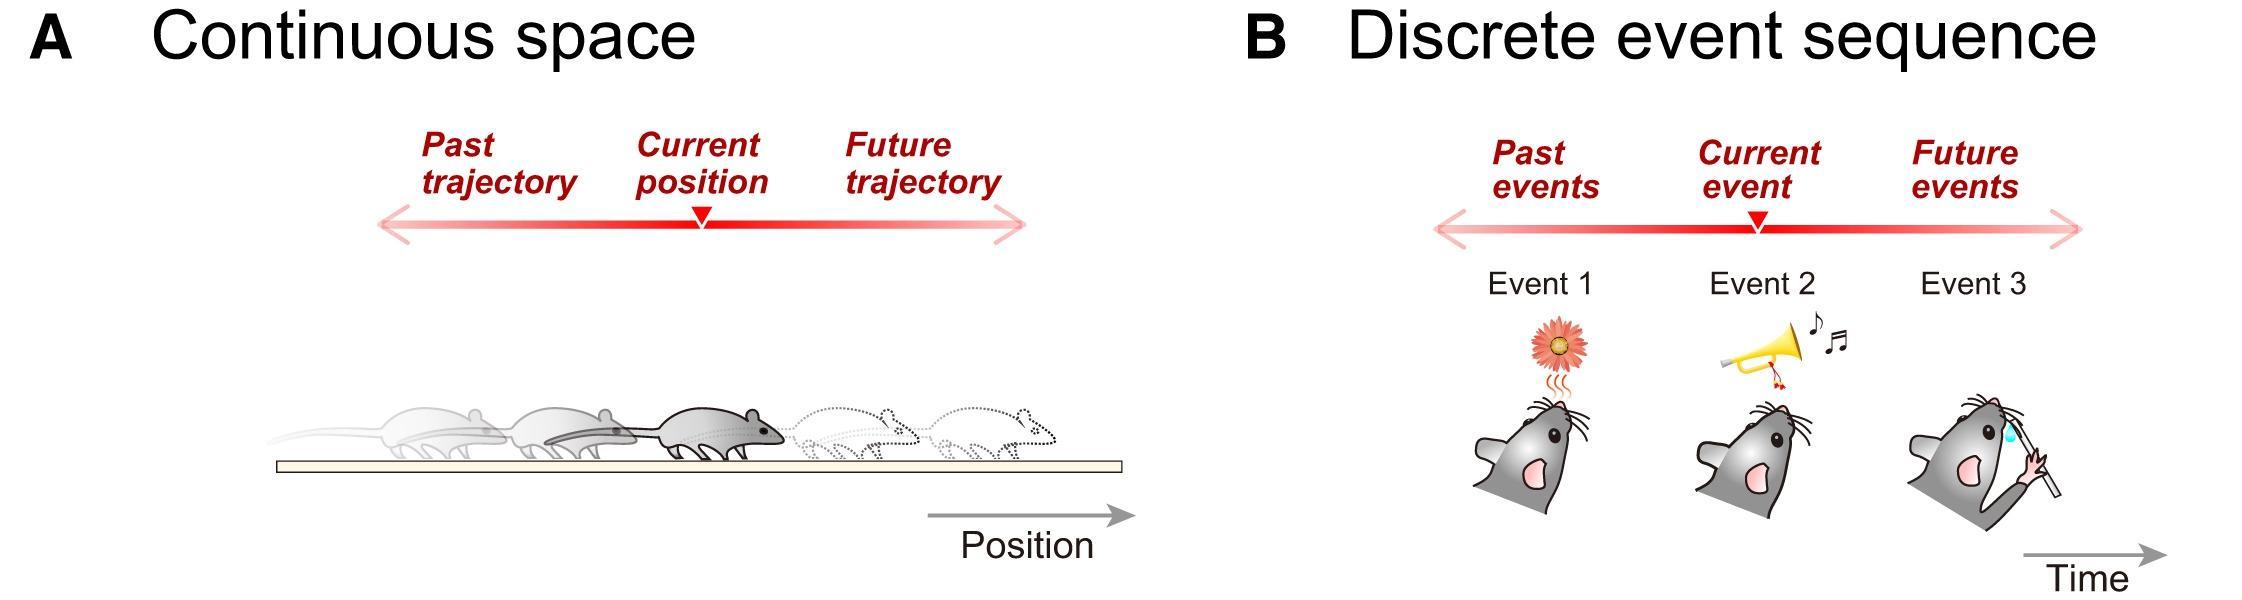 Клетки гиппокампа последовательно организуют воспоминания о событиях